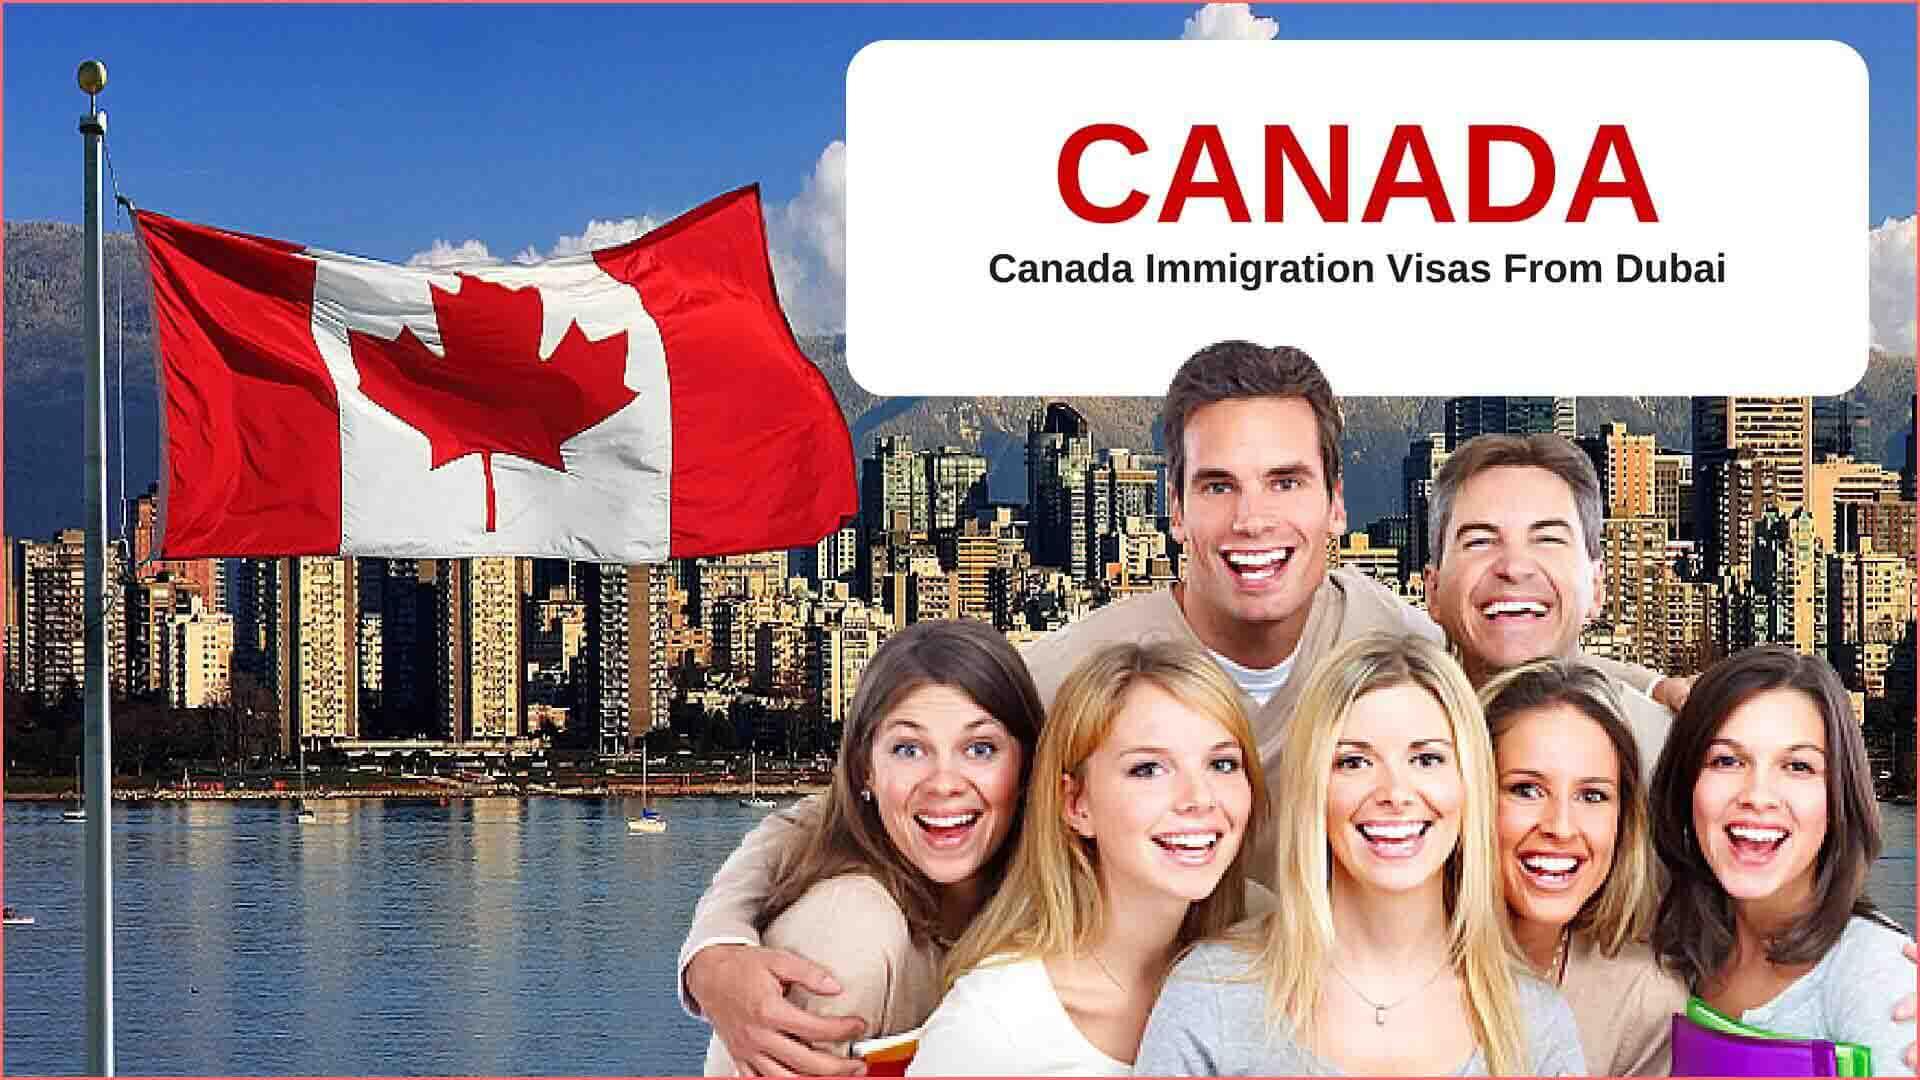 هواتف وعناوين المكاتب المعتمدة للهجرة الى كندا في دبي